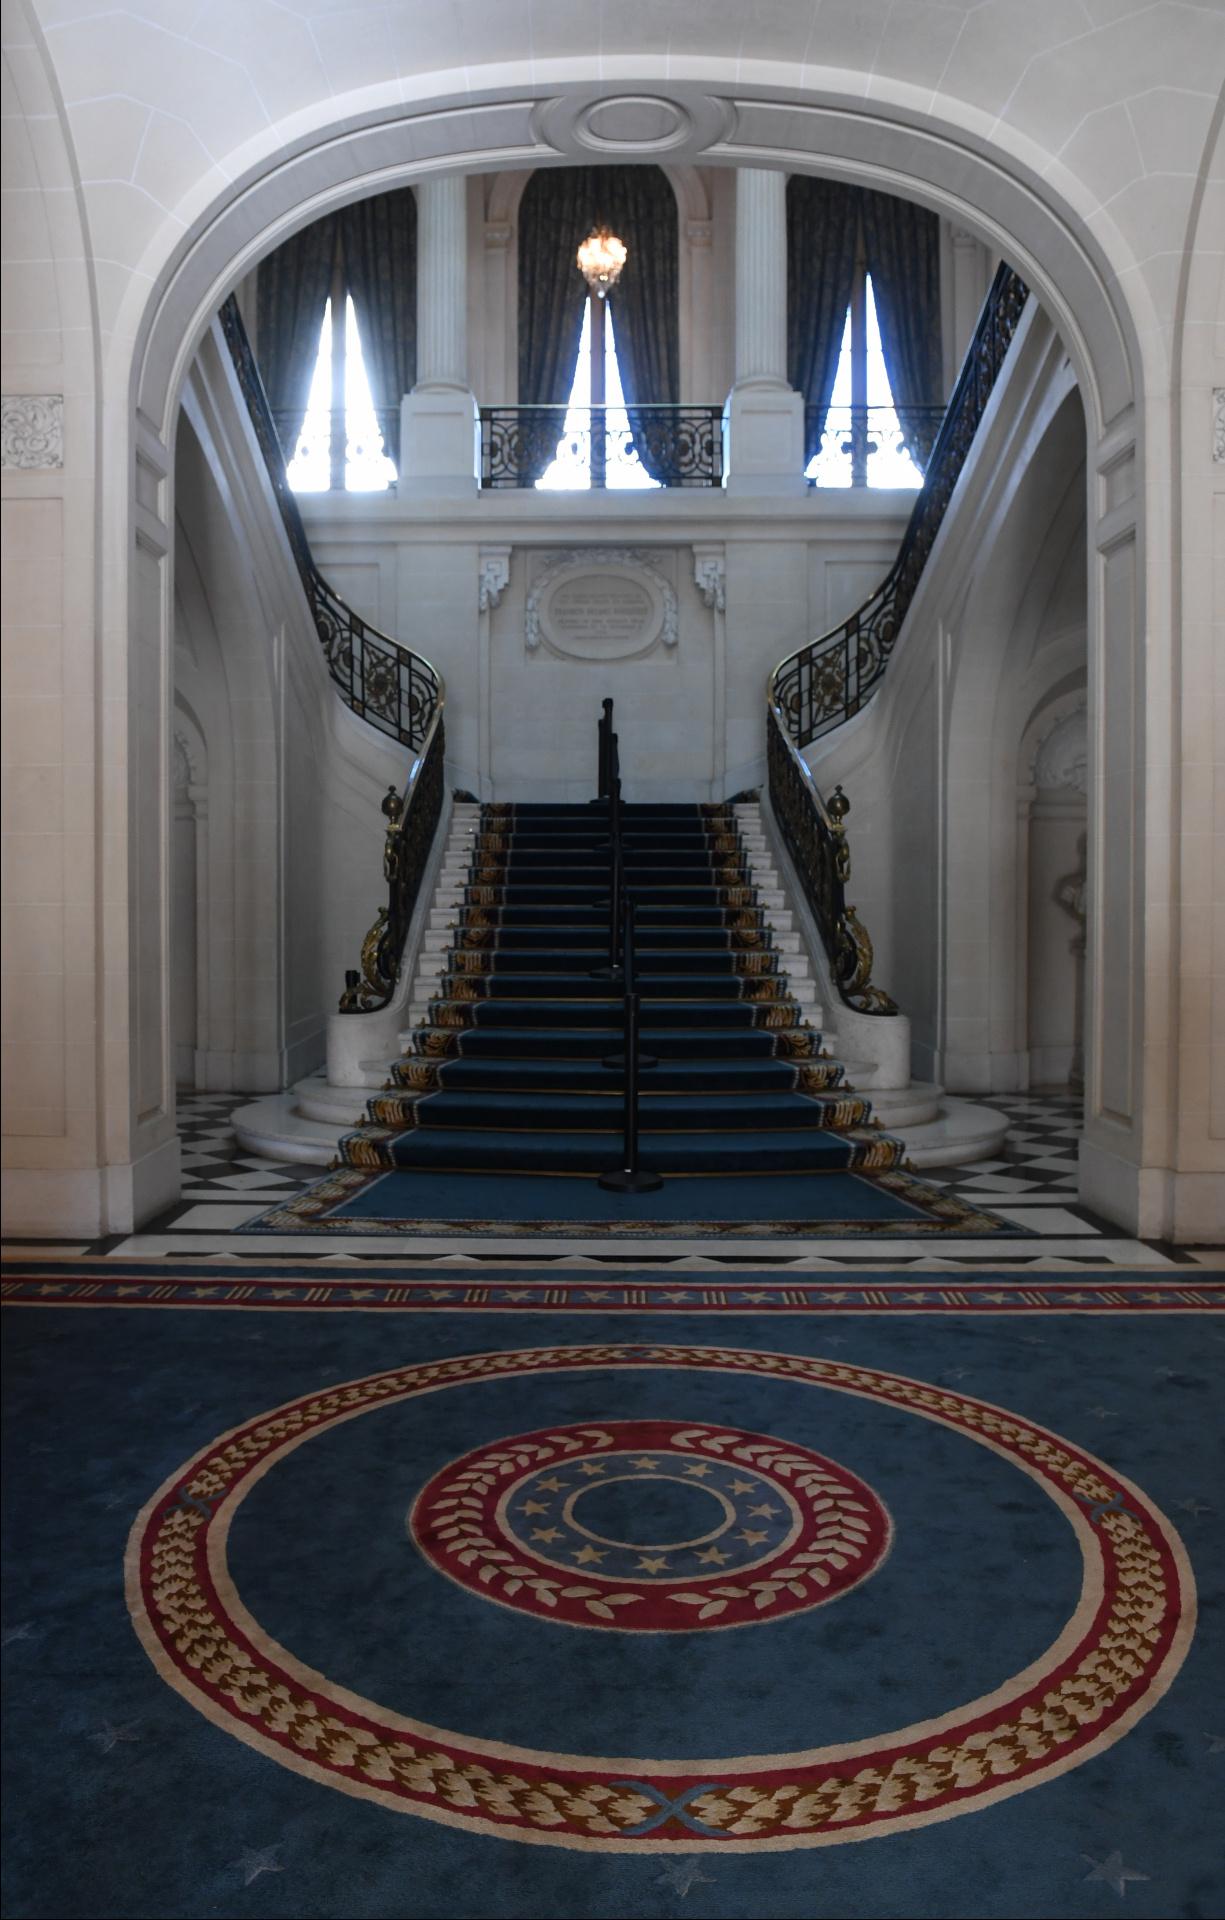 La escalera honorable da ingreso al Palacio Bosch, que fue construido en 1918. Esta residencia perteneció al abogado y diplomático Ernesto Bosch junto a su su esposa, Elisa de Alvear